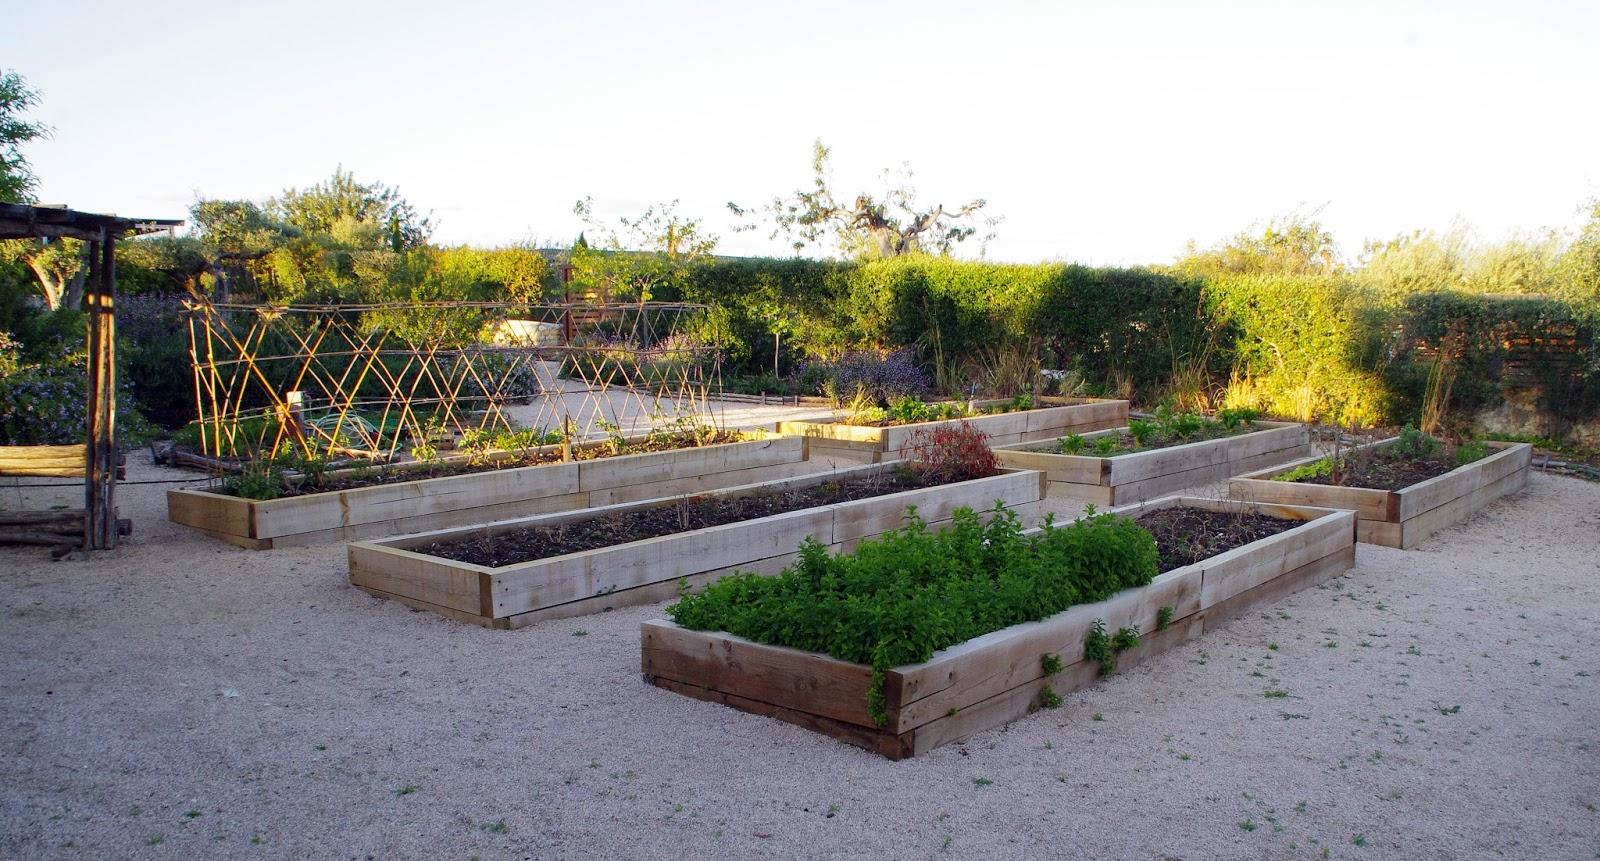 Fazenda Nova Country House Gardens